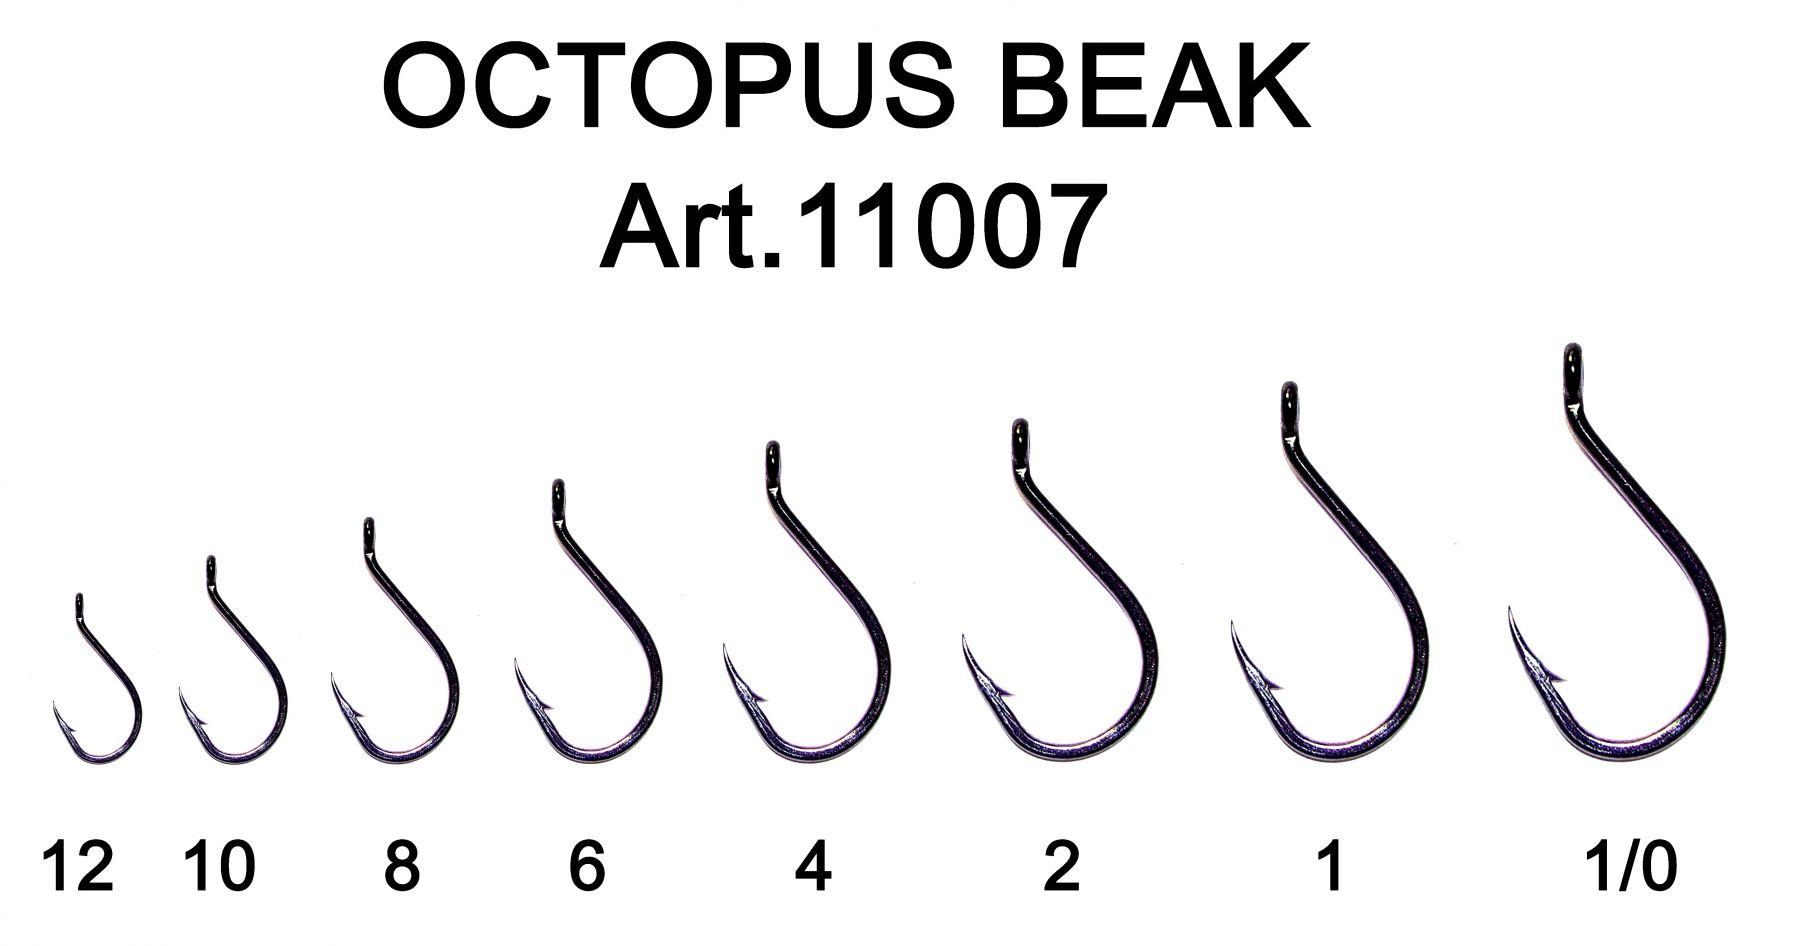 Крючок Fish Season Octopus Beak одинарные с ушком, покрытие BN  (Артикул:11007) №6